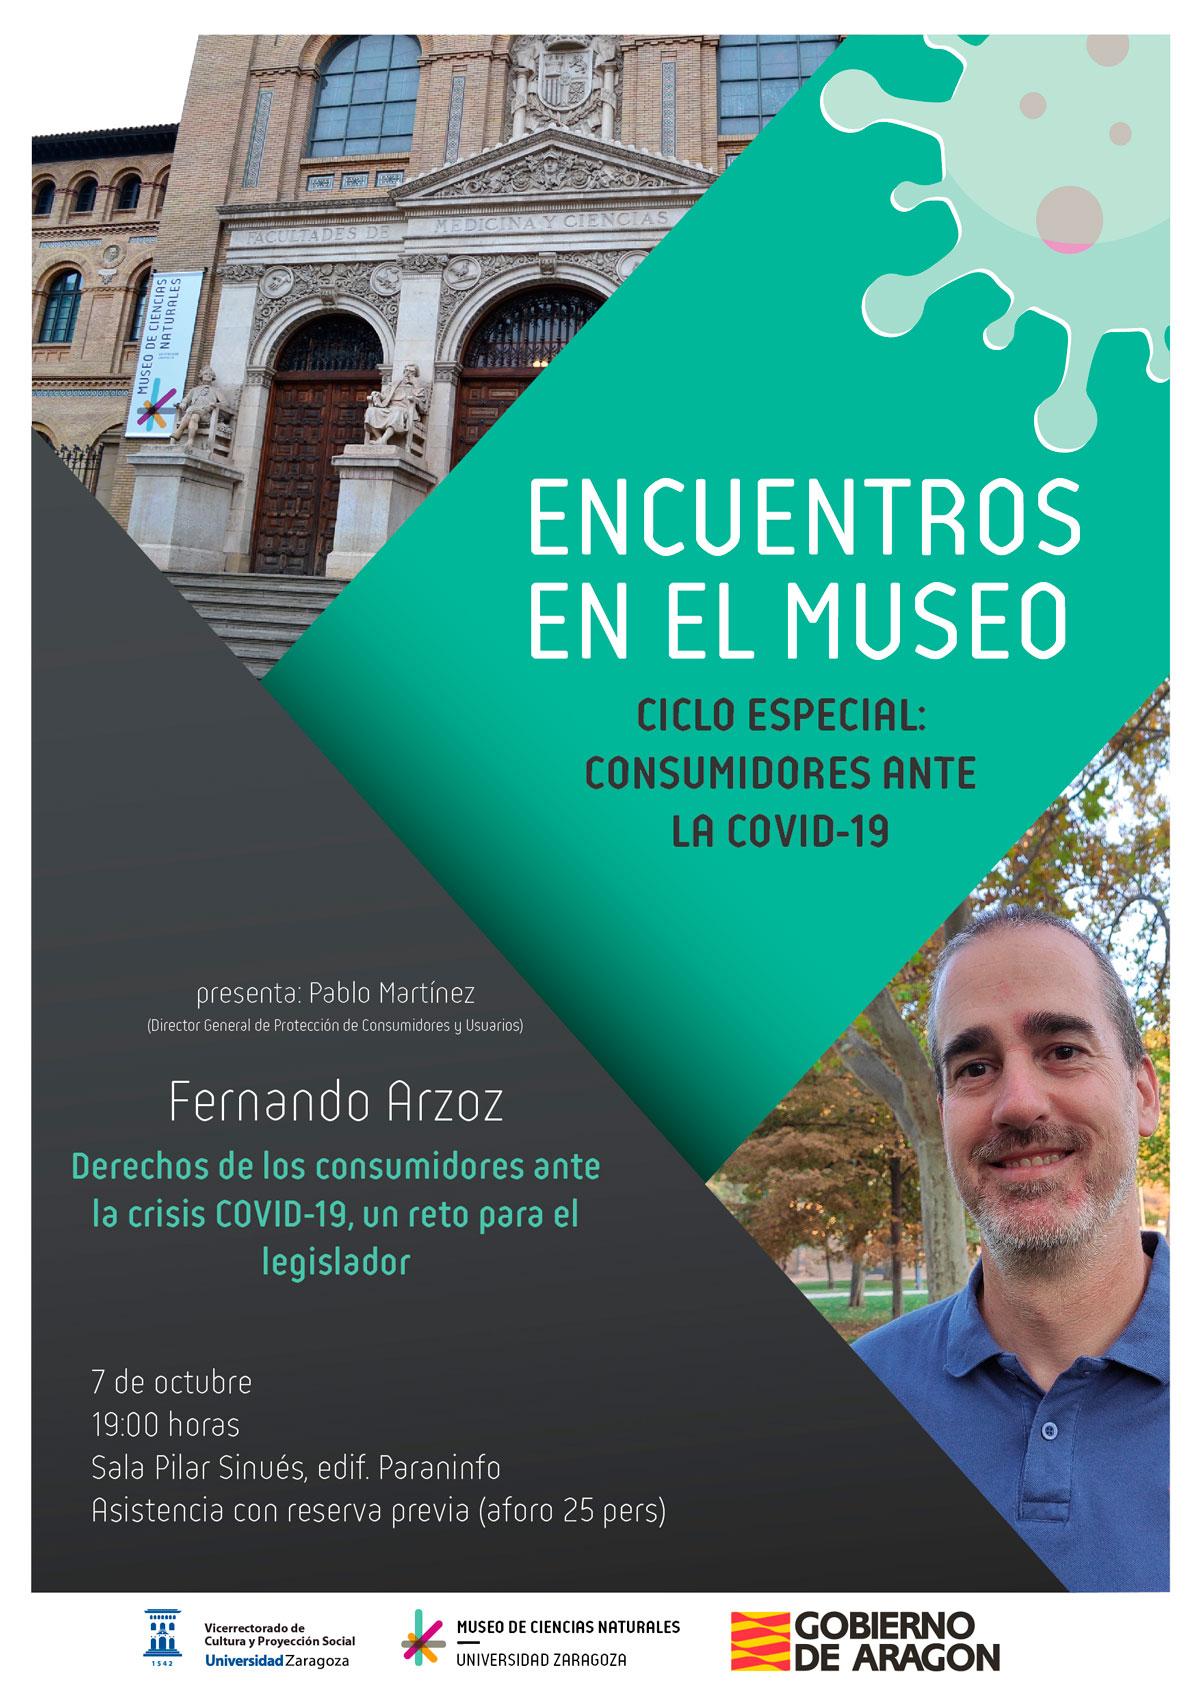 """Fernando Arzoz: """"Derechos de los consumidores ante la crisis COVID-19, un reto para el legislador"""""""